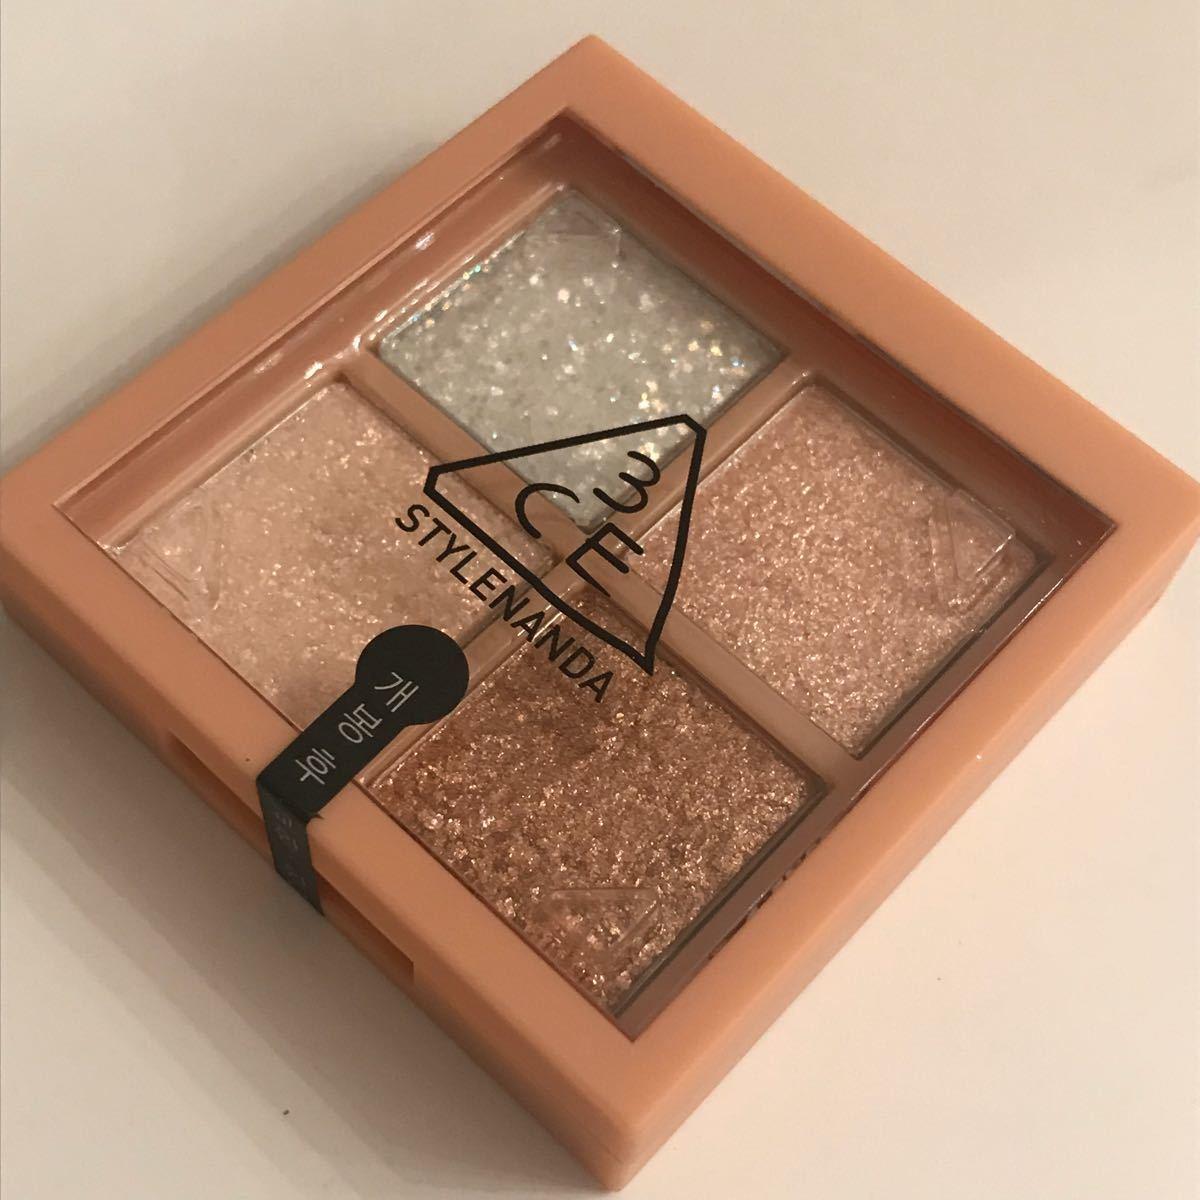 3CE ミニマルチアイカラーパレットダイヤモンド グリント